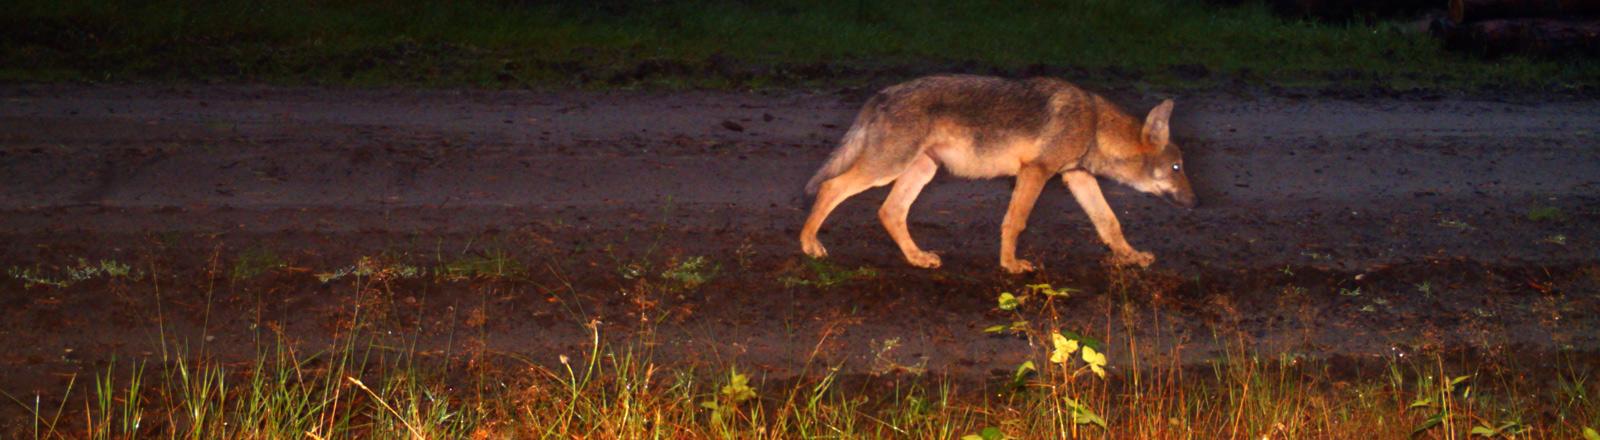 Ein Wolf wird tappt in eine Fotofalle im Wald.